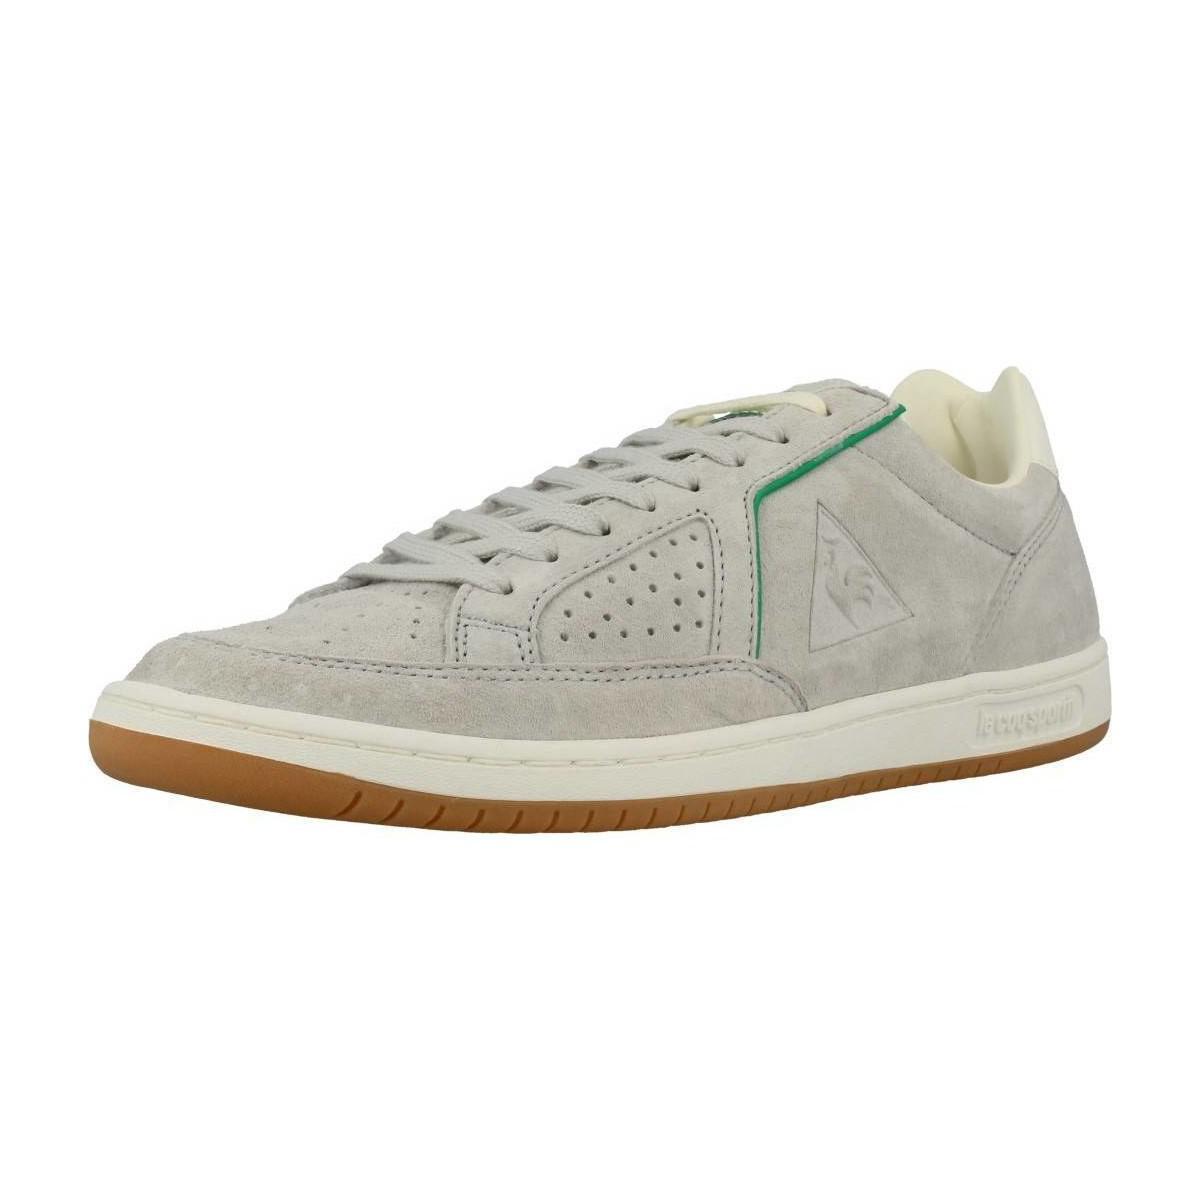 ICONS NUBUCK - FOOTWEAR - Low-tops & sneakers Le Coq Sportif eDdgPjGOc